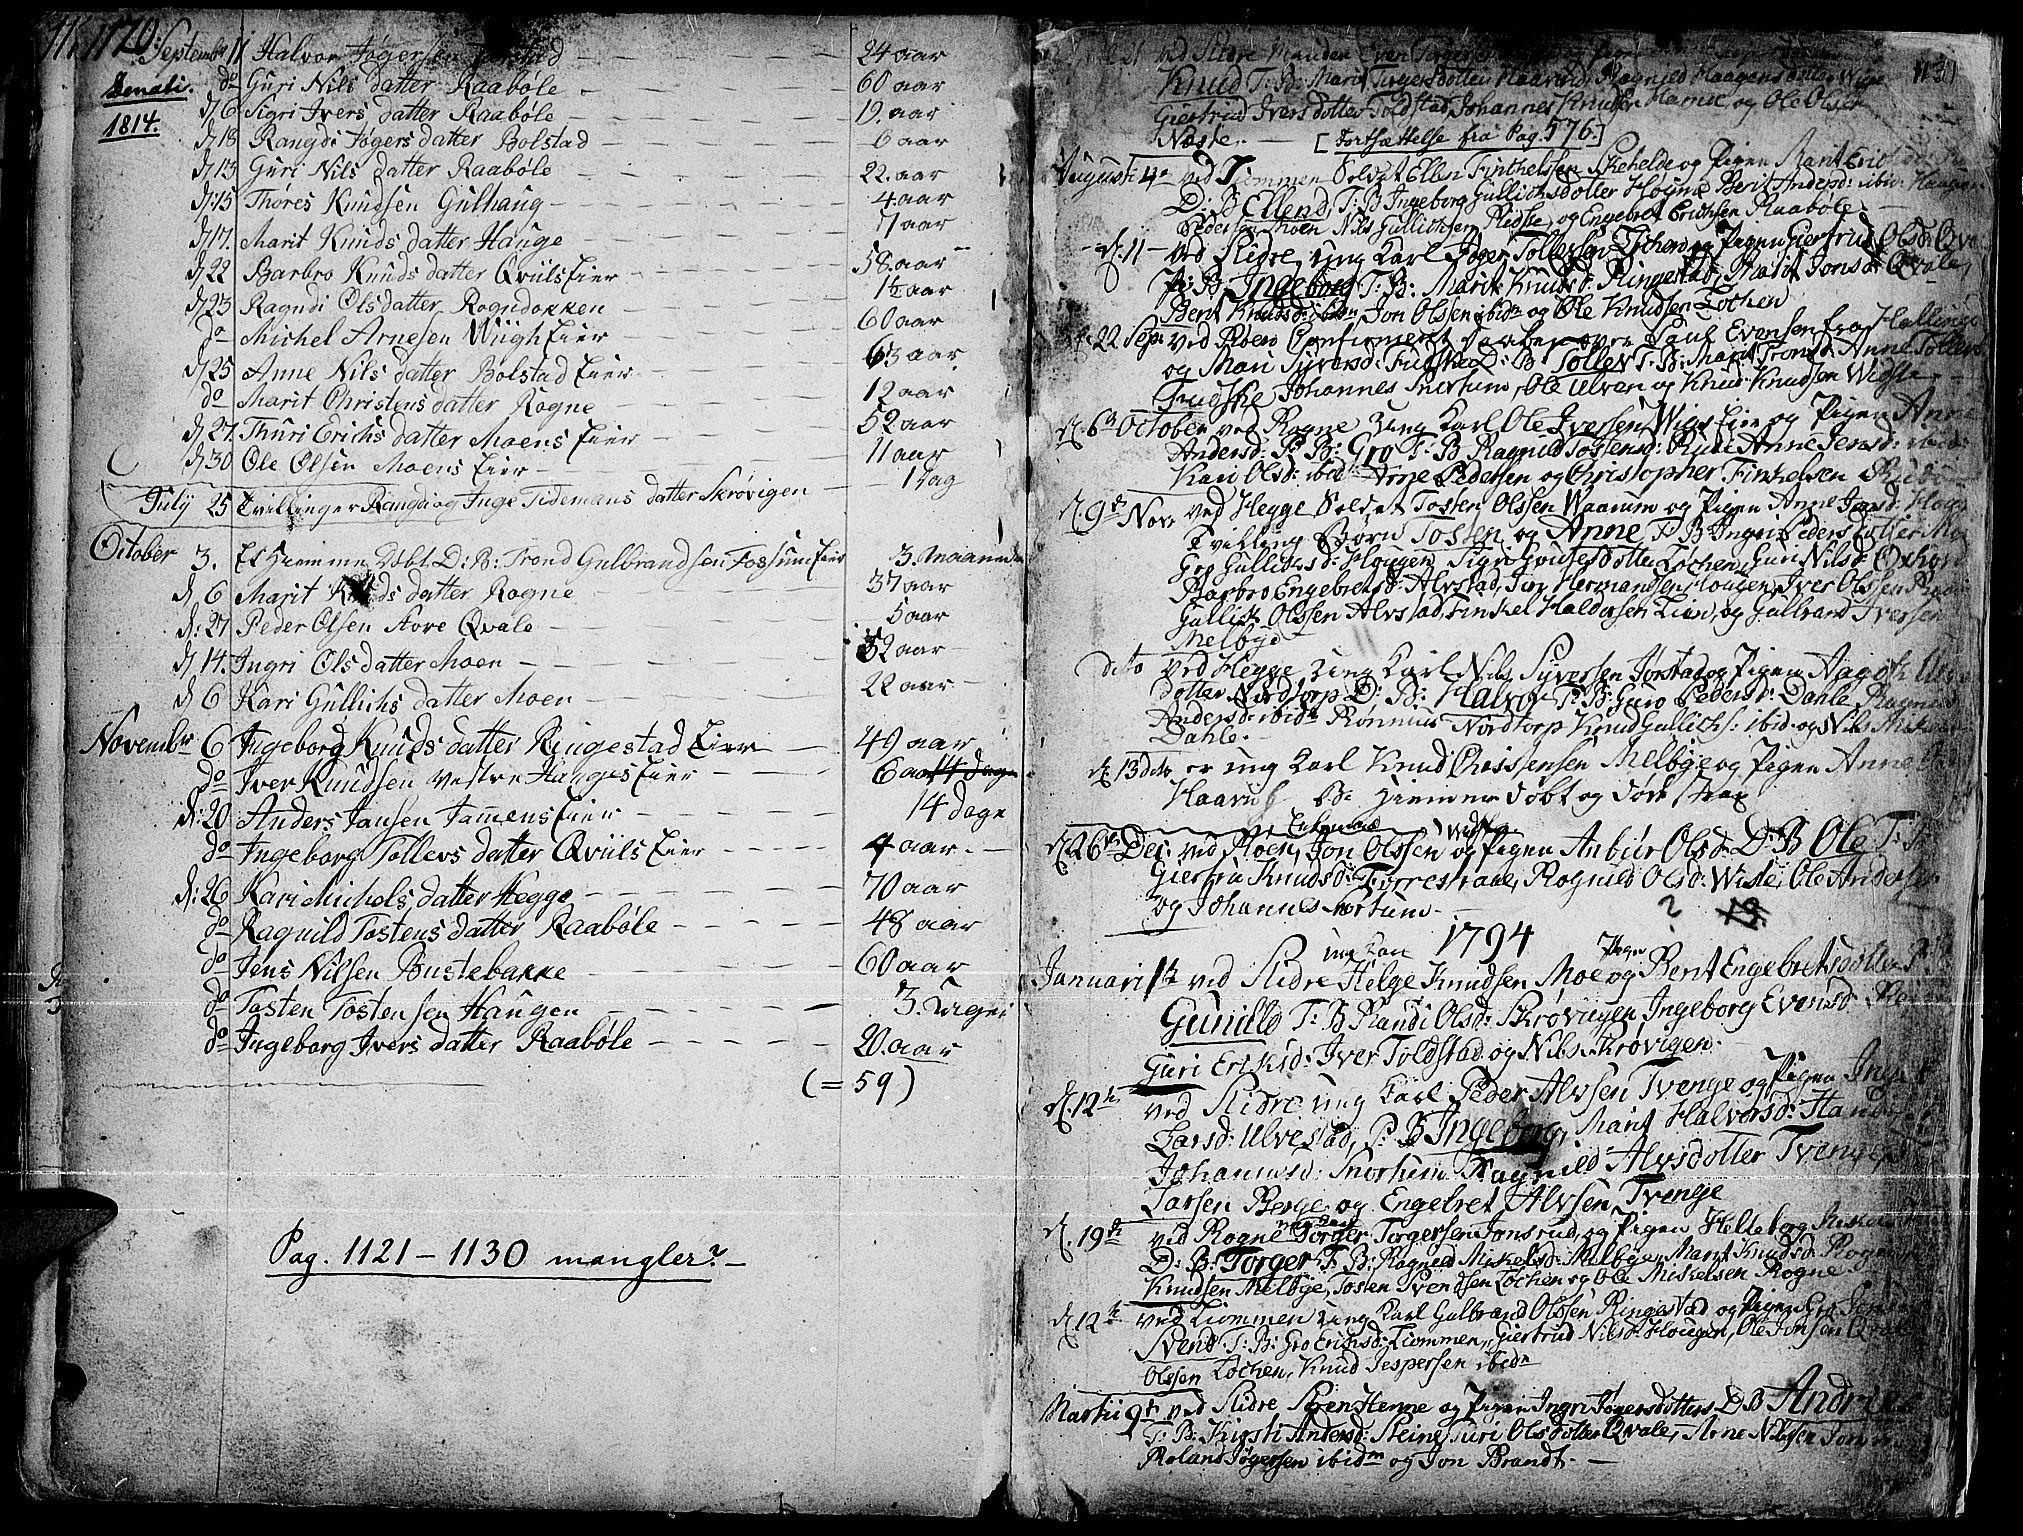 SAH, Slidre prestekontor, Ministerialbok nr. 1, 1724-1814, s. 1120